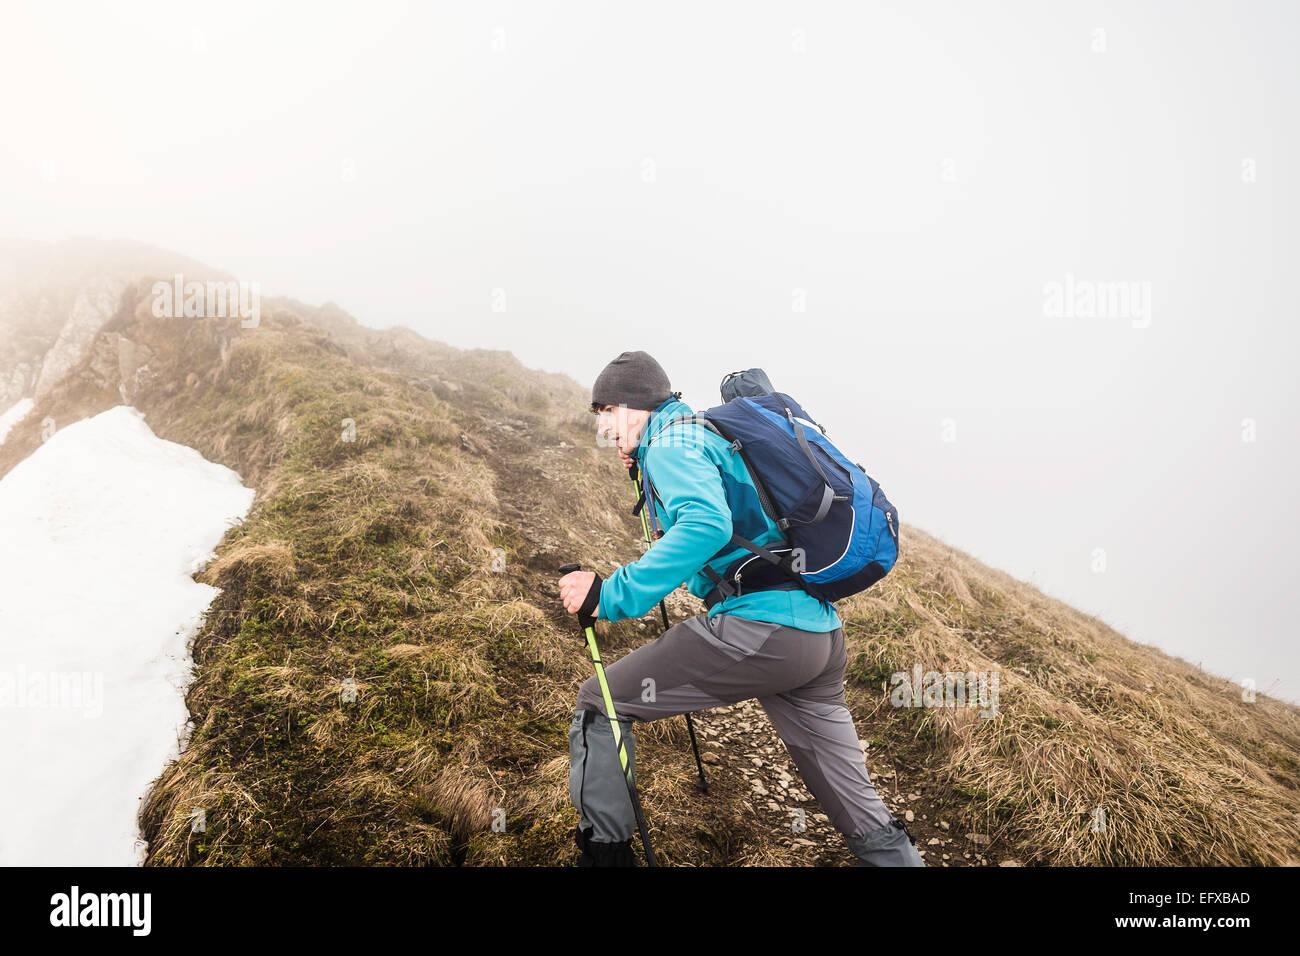 Joven trekking de montaña en nieve y neblina, Alpes bávaros, Oberstdorf, Baviera, Alemania Imagen De Stock